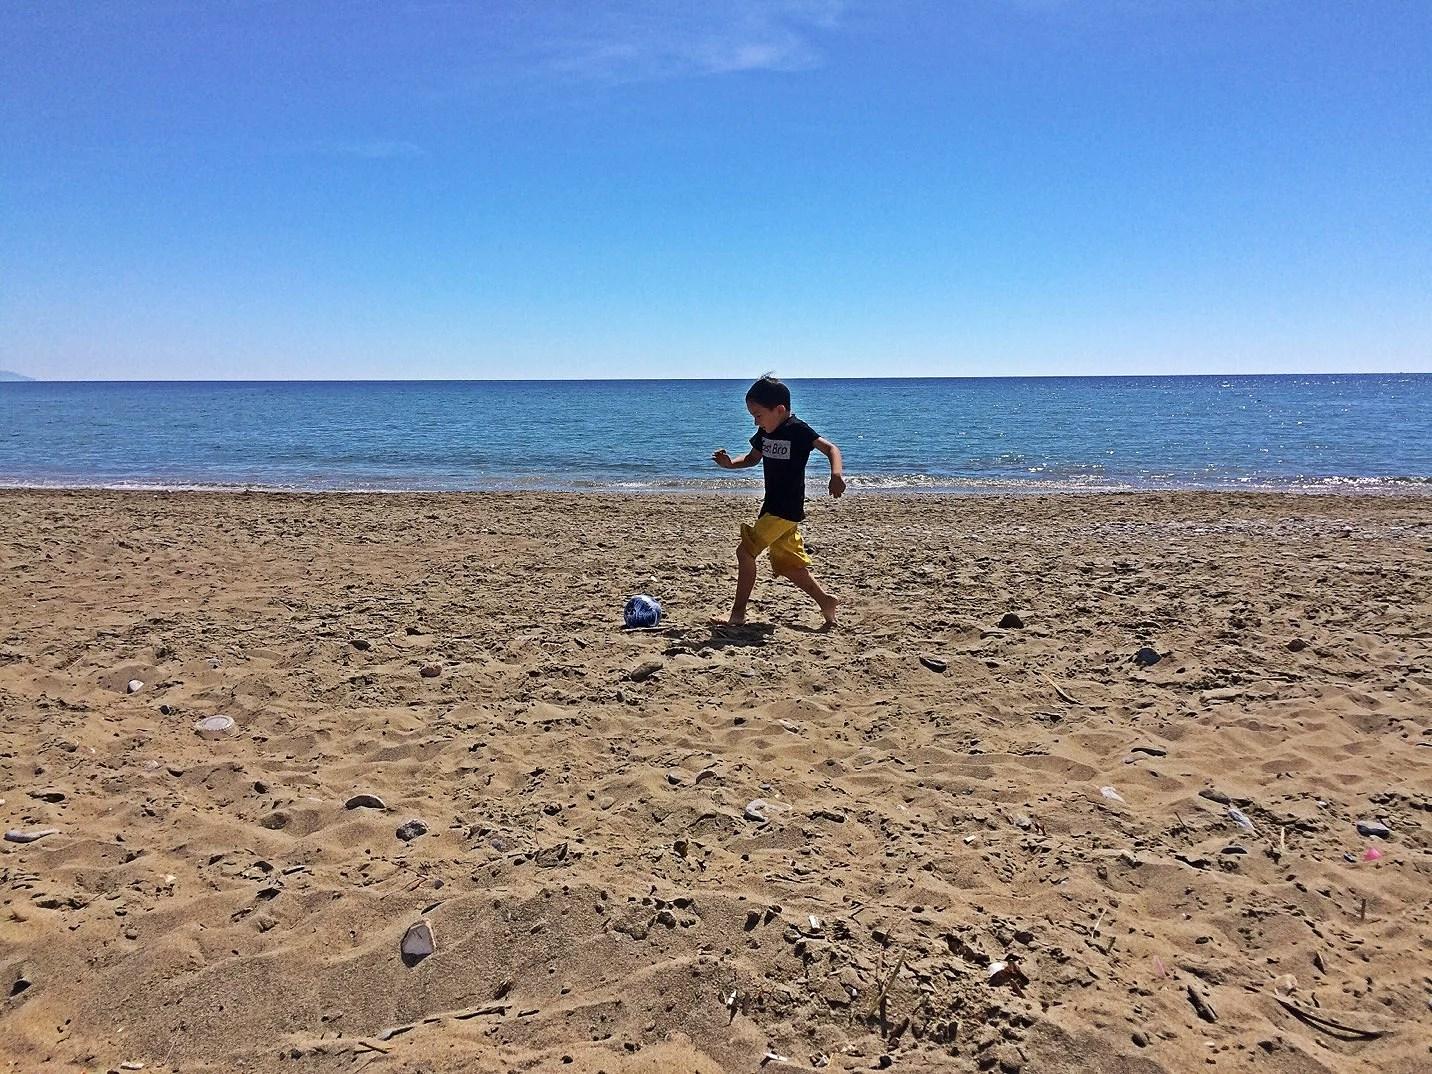 Thursday at the beach